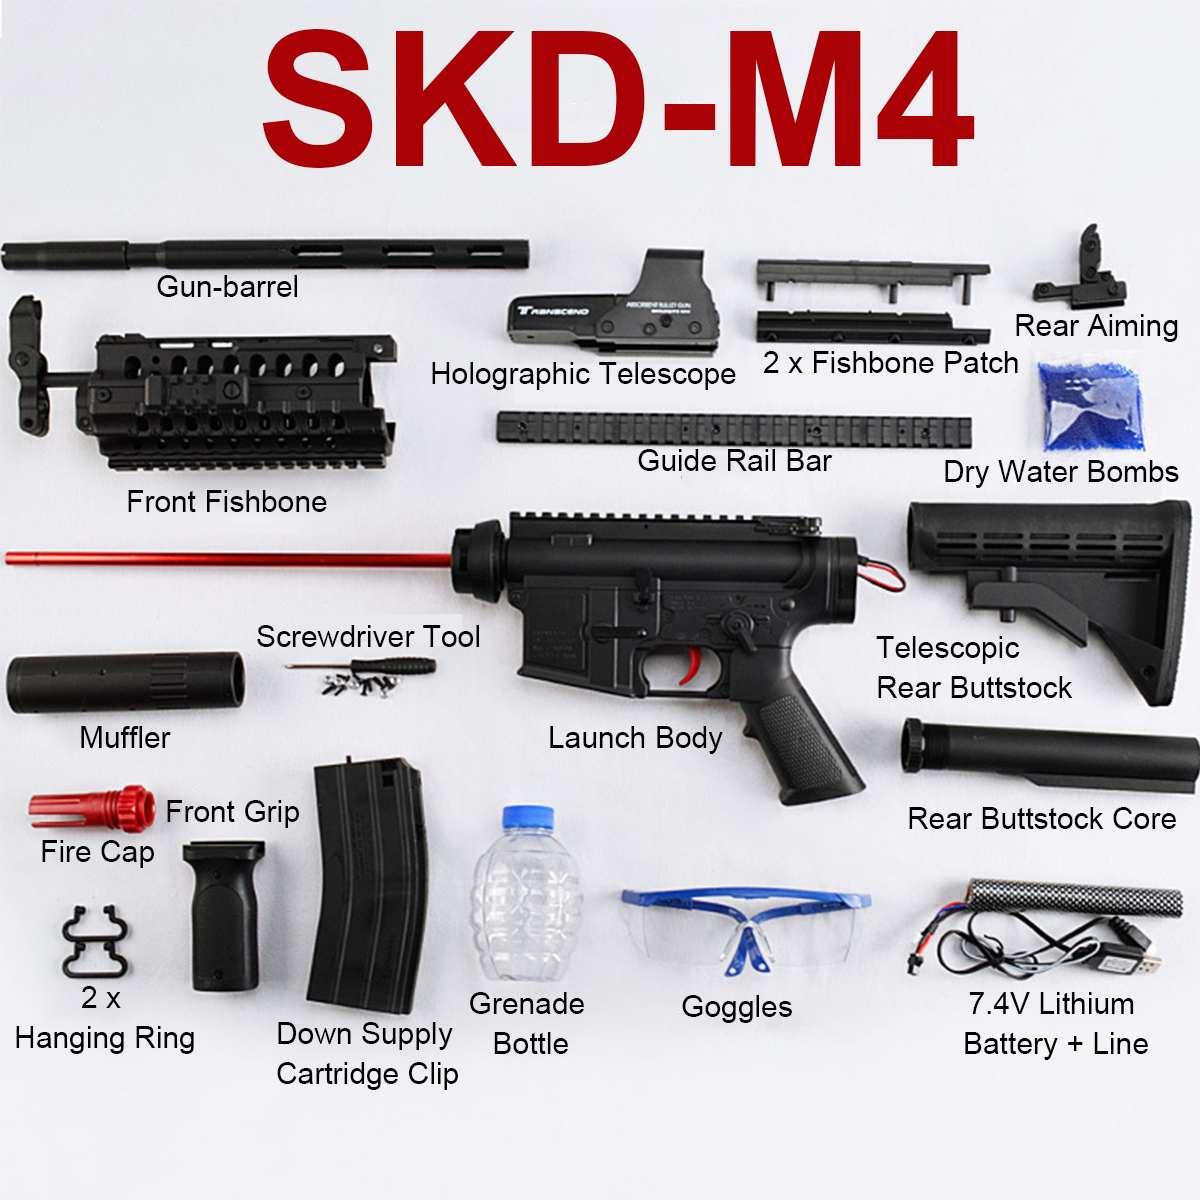 Bricolage Nylon SKD M4SS Gel Balle Blasters Shooter Électrique jouet de bain Guns Pour En Plein Air CS